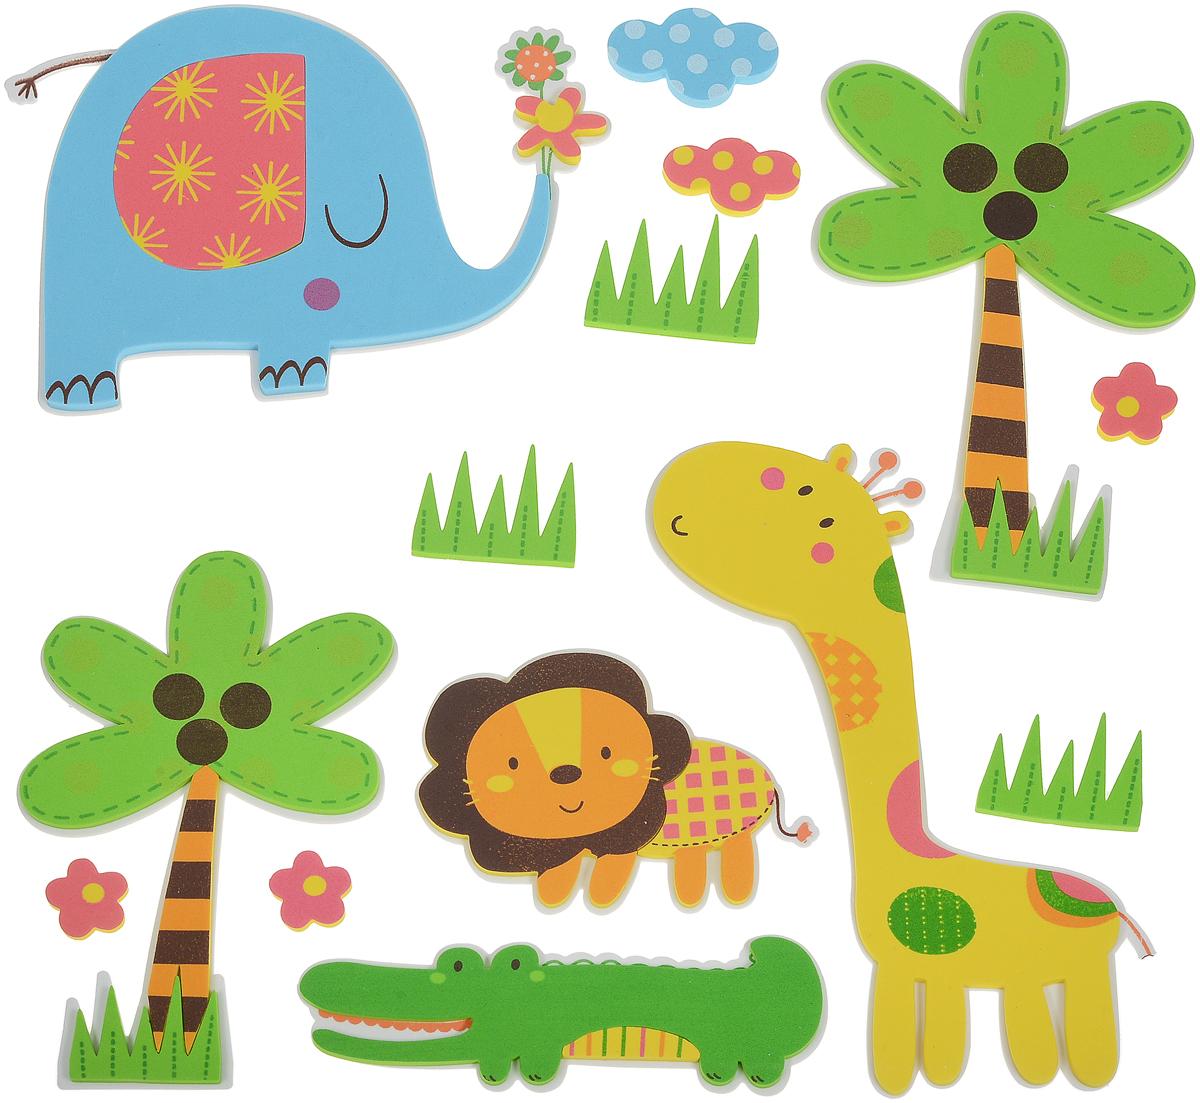 Room Decor Наклейка интерьерная Детские картинки цвет зеленый желтый голубой 14 шт1123361_зеленый, желтый, голубойRoom Decor Детские картинки - это набор объемных интерьерных наклеек на все случаи жизни!Украшение мебели, сокрытие царапины на стене или даже декор для скрапбукинга - наклейка станет идеальным вариантом. Не стоит искать дорогостоящие наборы для творчества, инструменты, чтобы убрать скол или шероховатость с поверхности любимого шкафа или стола, когда под рукой имеется подобное изделие. Ведь всего пара движений, и ваша задумка уже перед вами!Не ограничивайте свою фантазию!Применение подобных наклеек не вызовет сложностей: быстро крепятся и убираются, при этом не оставляют следов. Привнесите оригинальные нотки в ваш интерьер, придайте яркую индивидуальность каждой частичке вашего окружения!